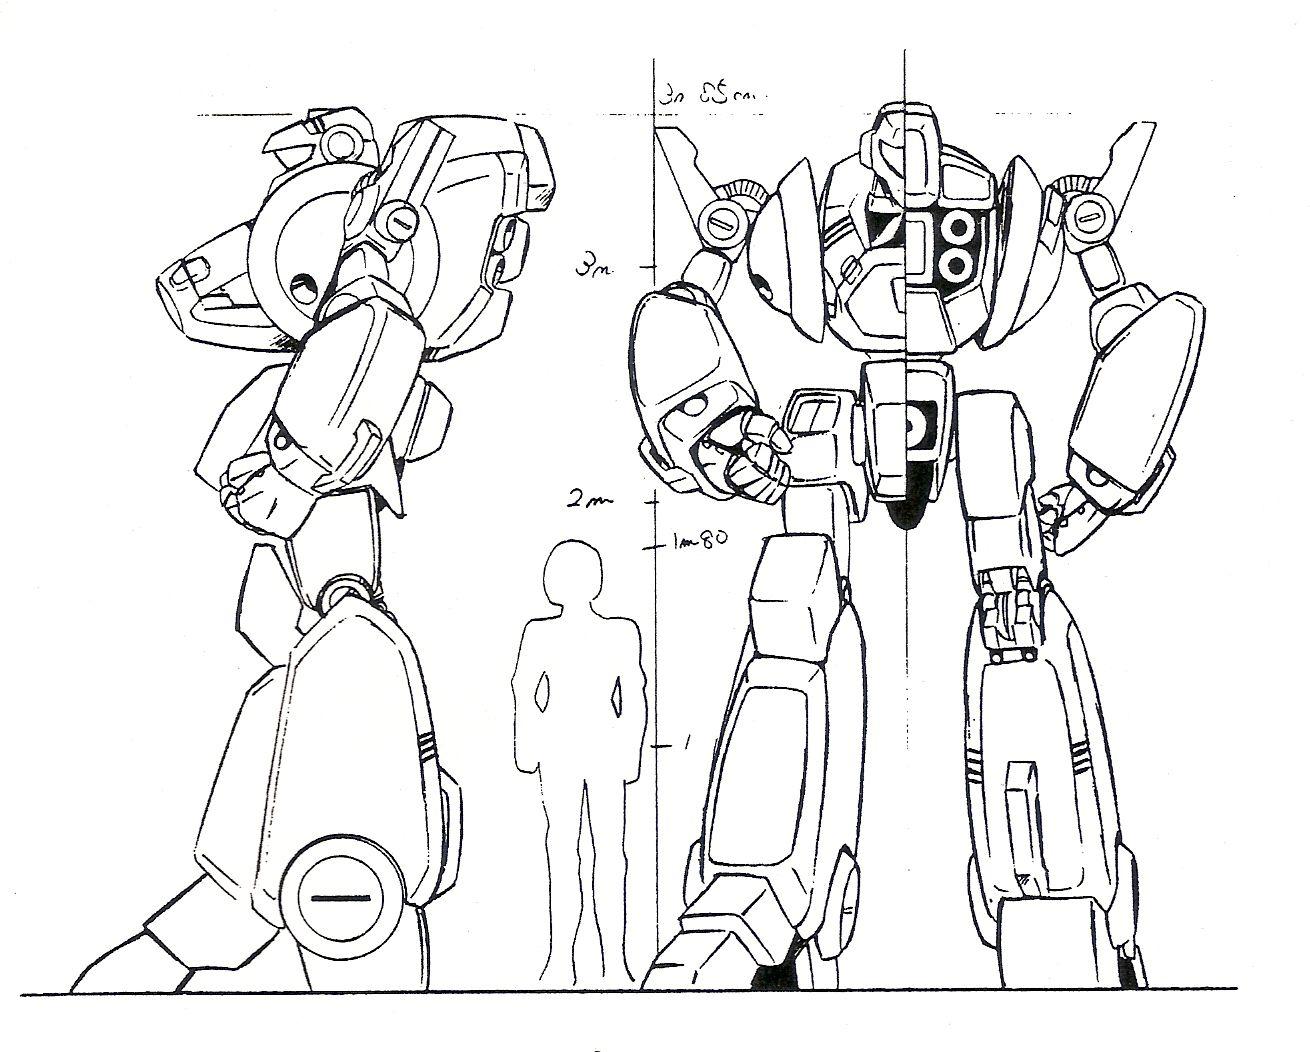 mecha おしゃれまとめの人気アイデア pinterest kilio yeung ロボット イラスト イラスト モスピーダ